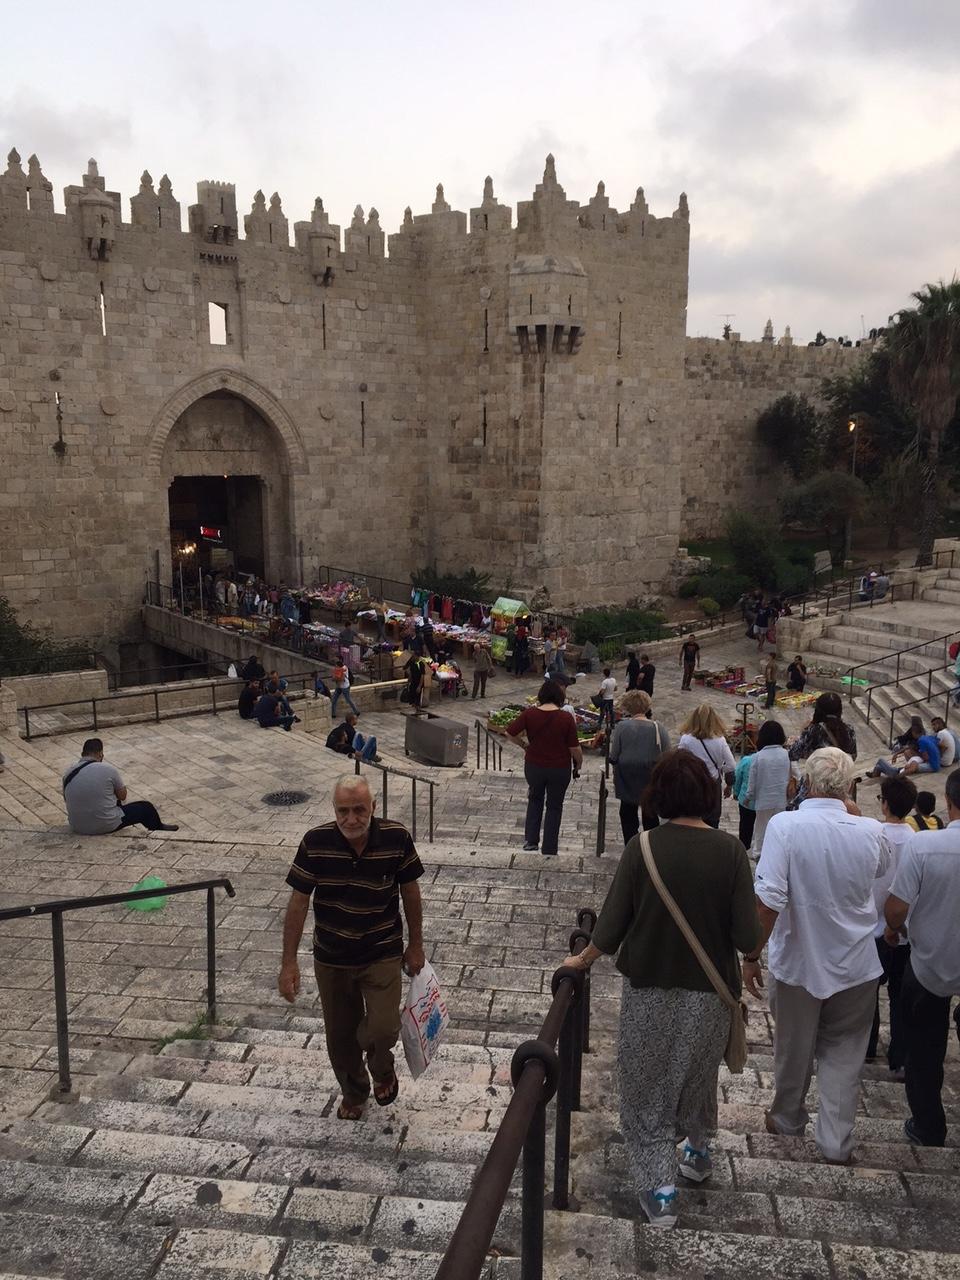 Damascus Gate of the Old City of Jerusalem